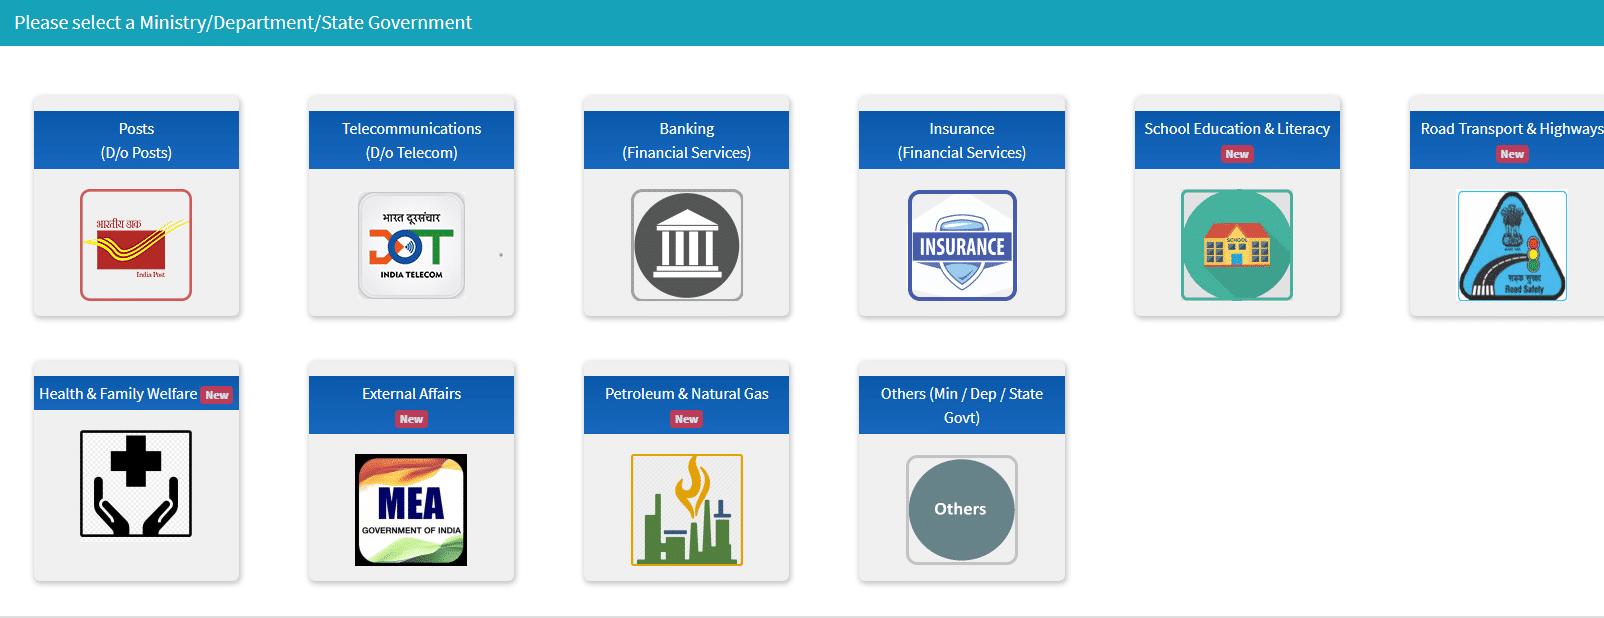 pm online complaint portal services